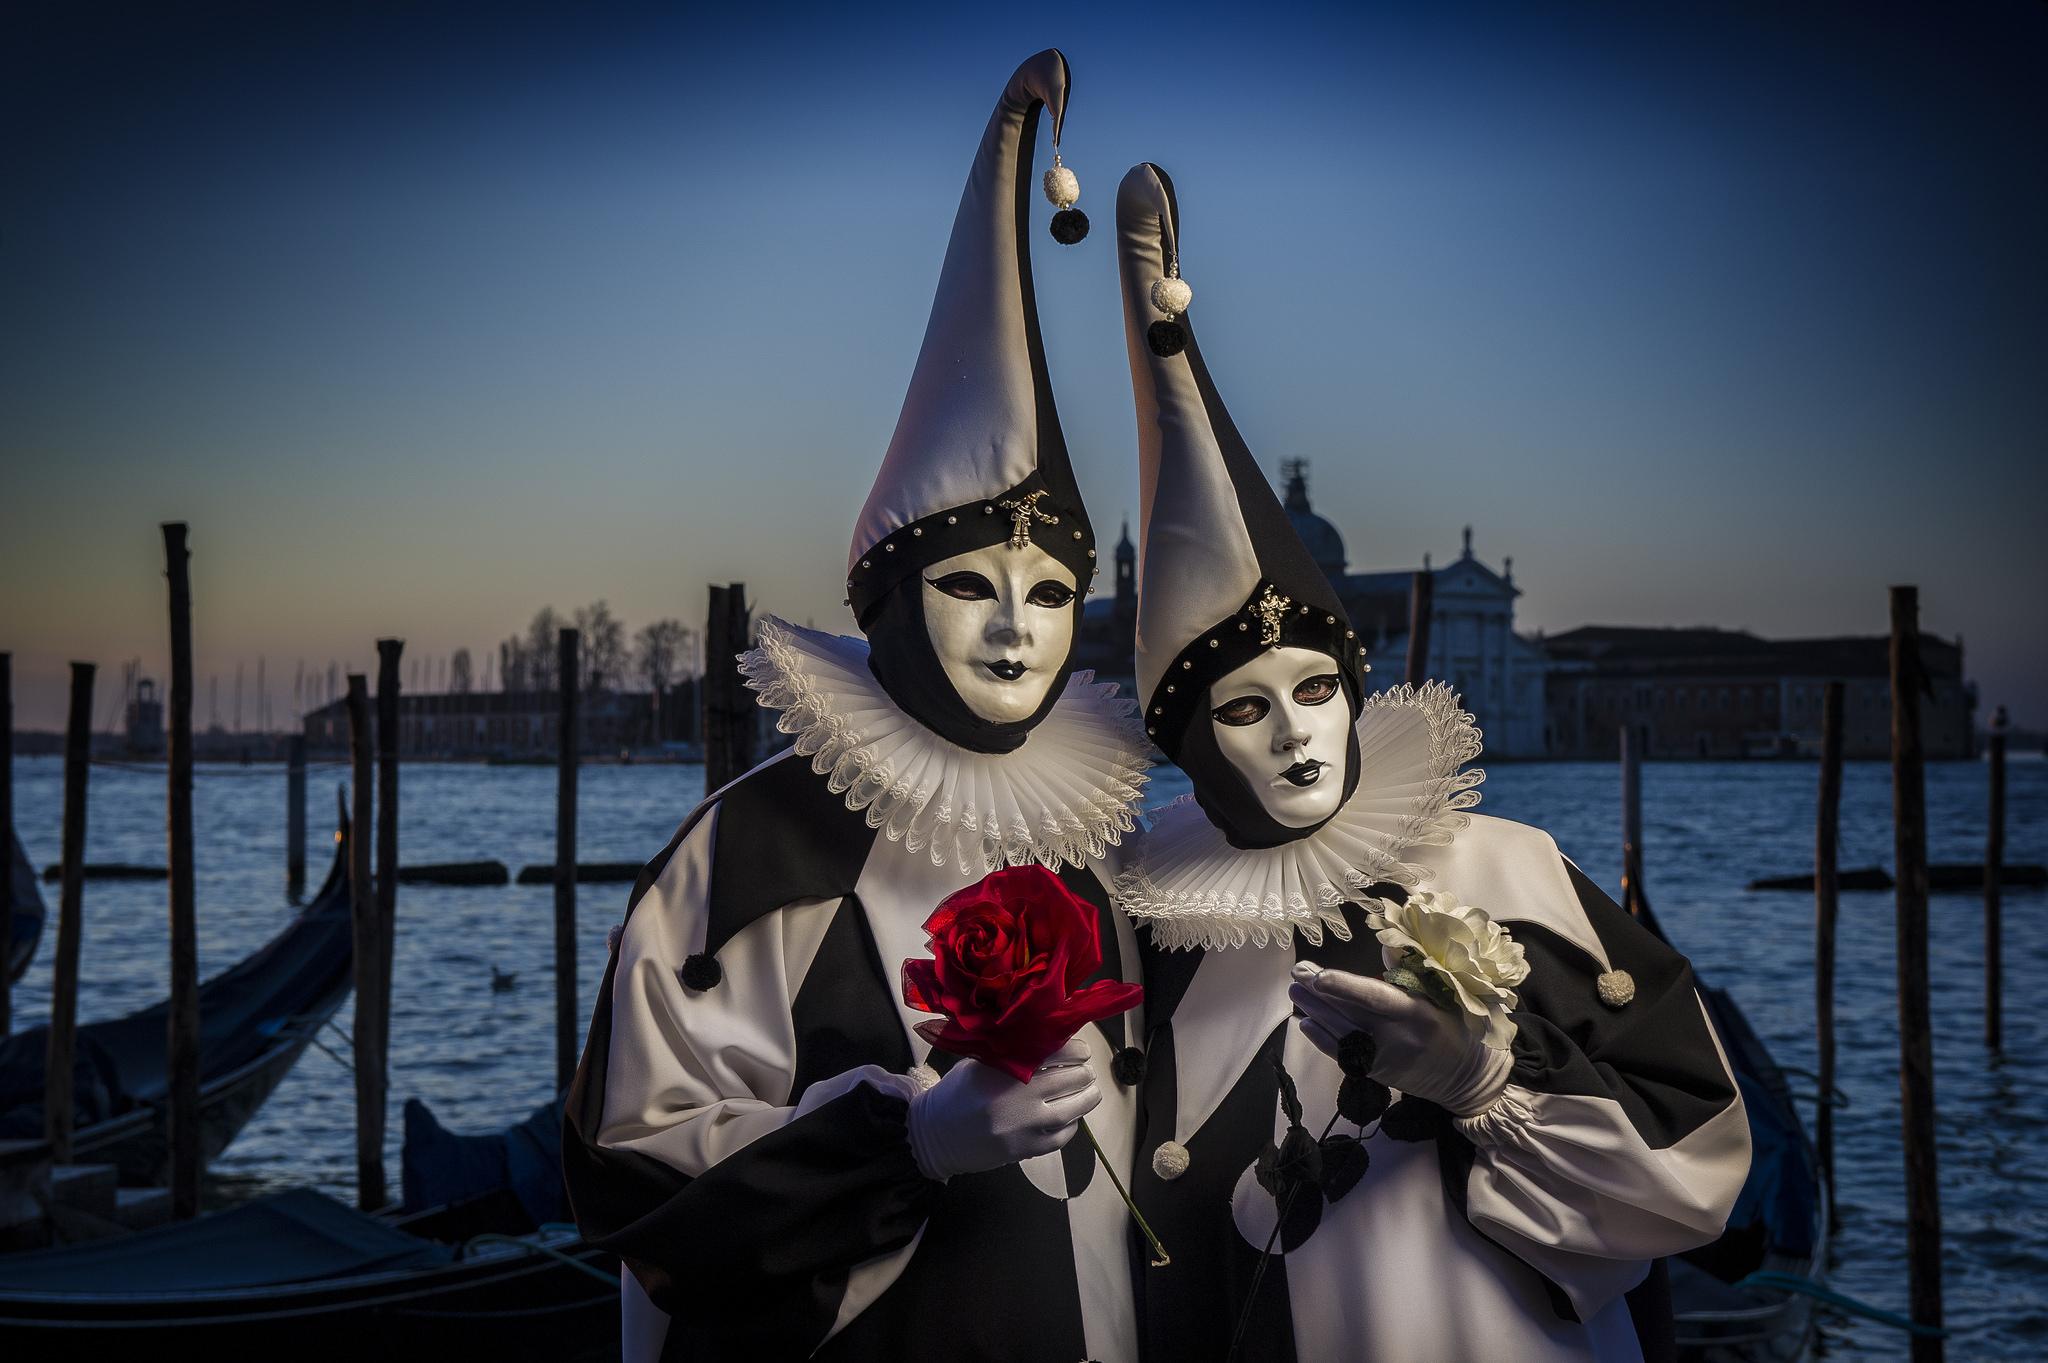 обои карнавал, маска, маски, венеция картинки фото